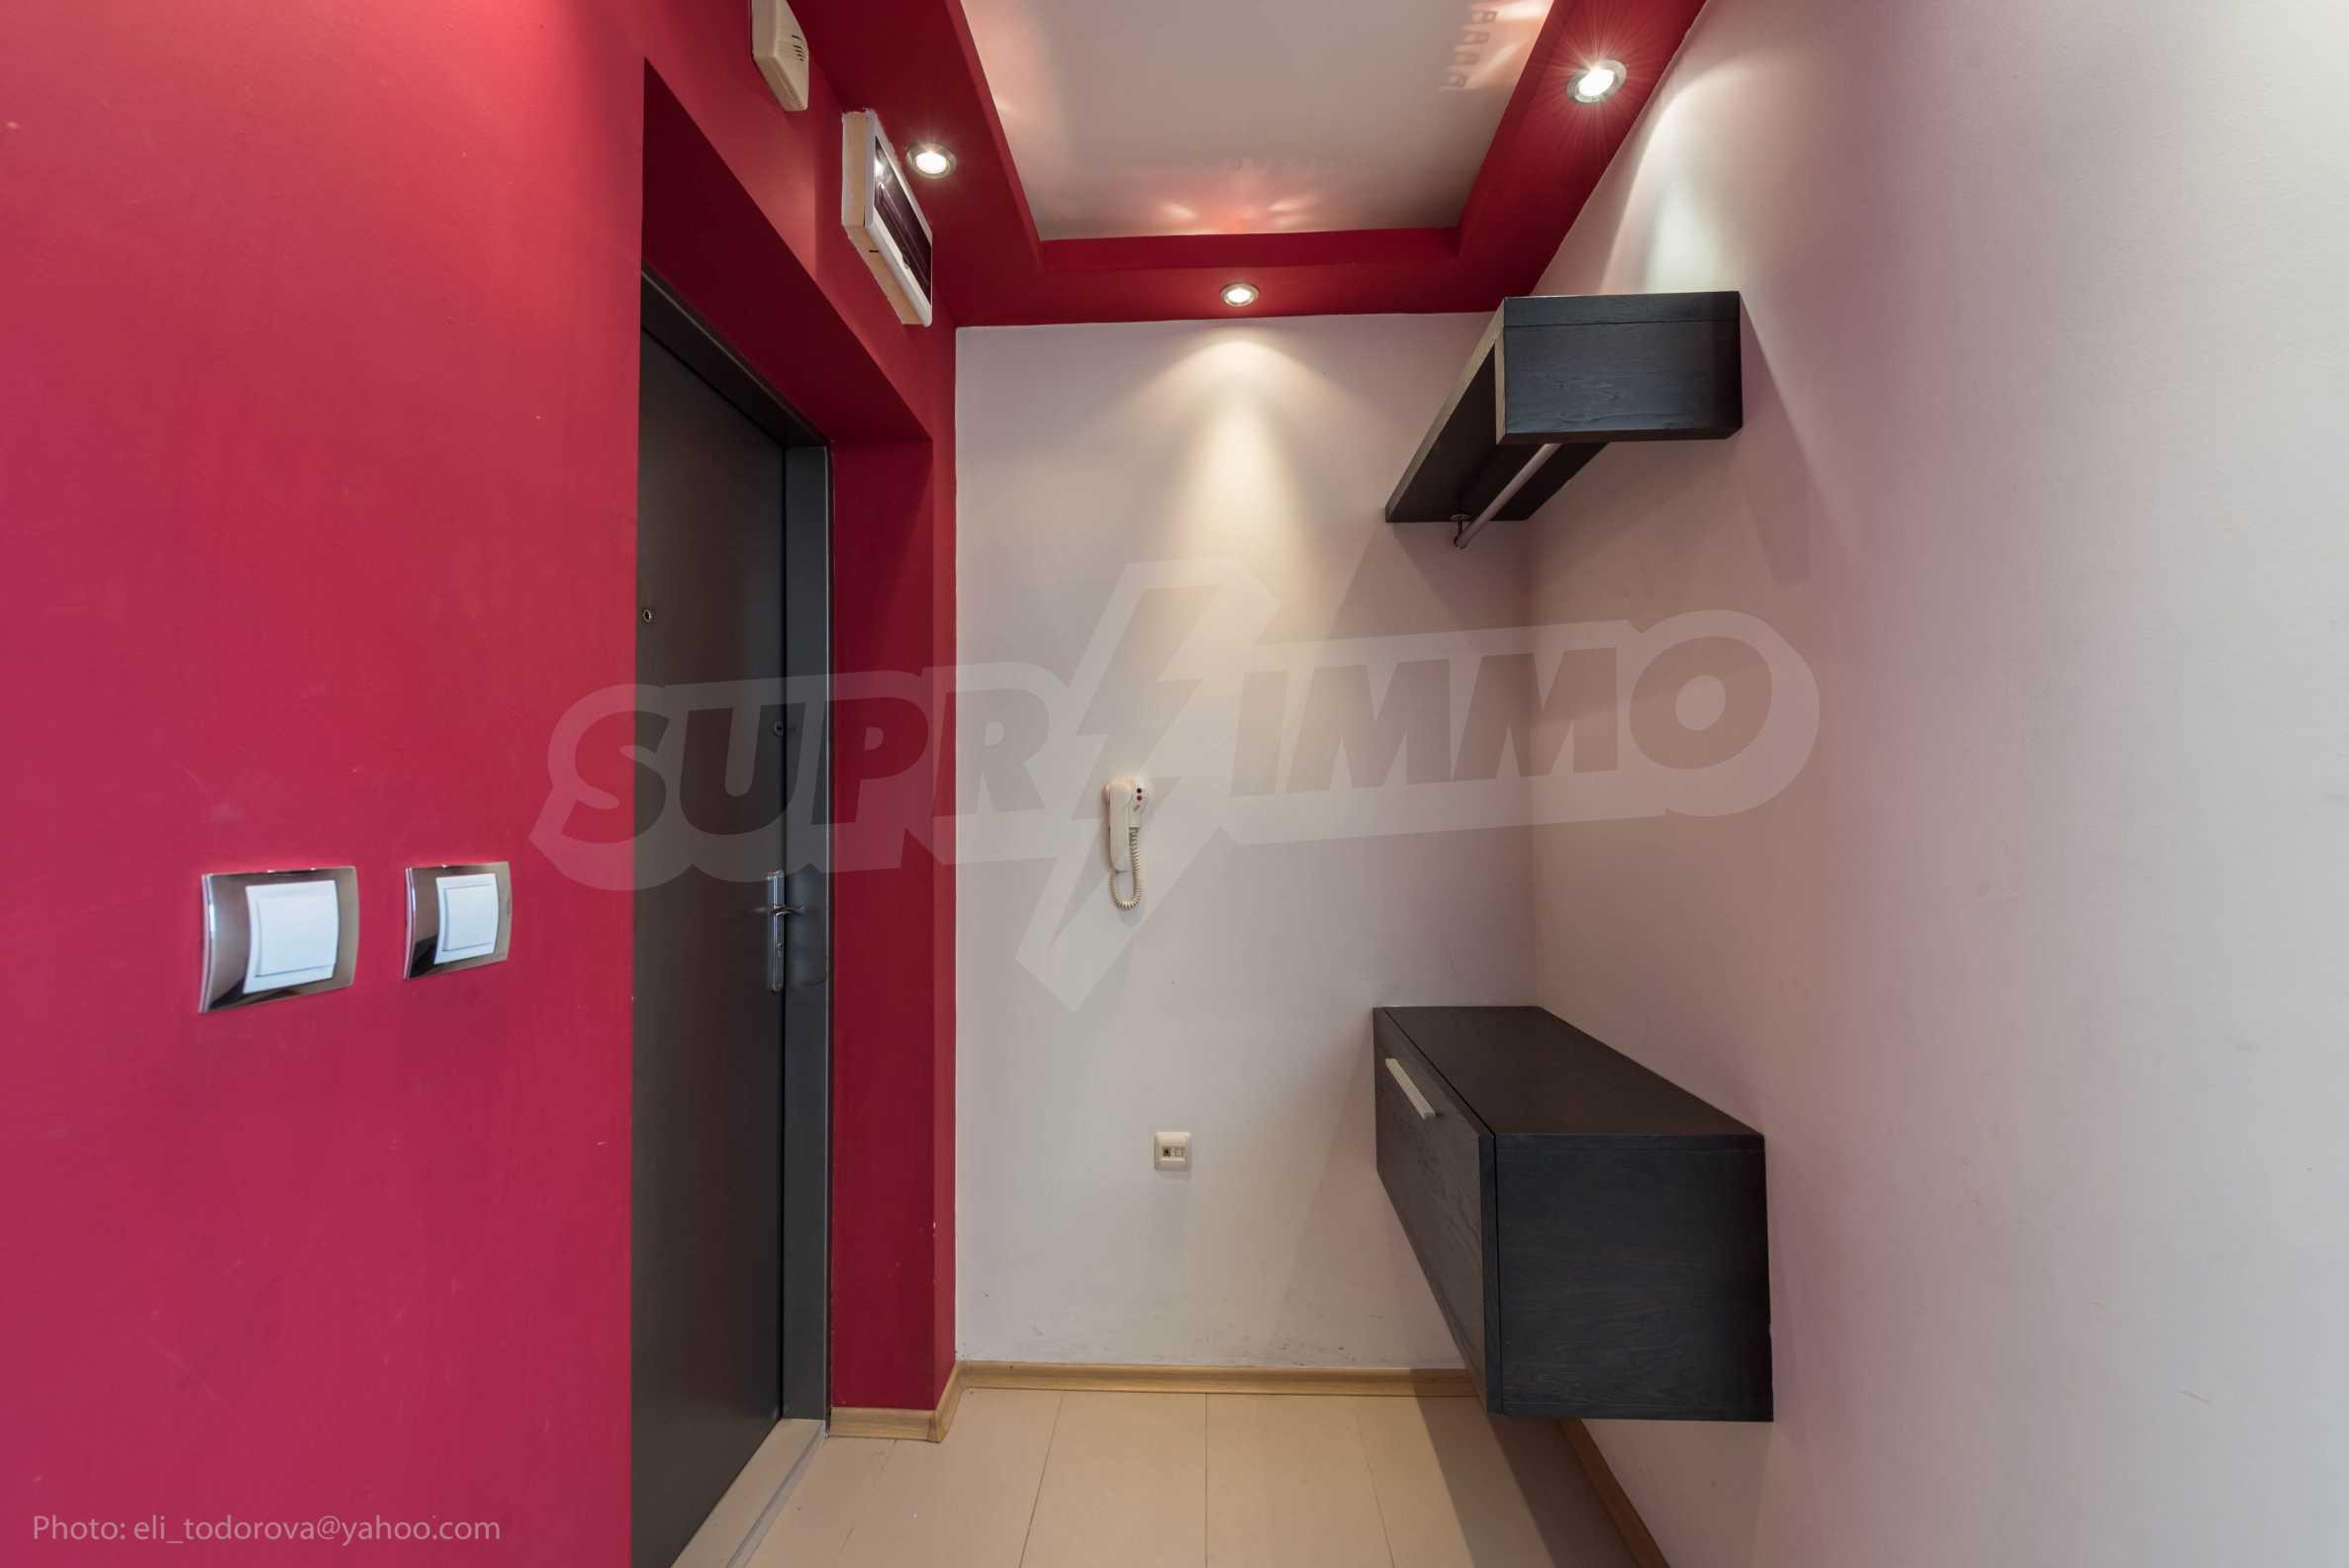 Квартира «Миша» - отличная трехкомнатная недвижимость в идеальном центре. 29